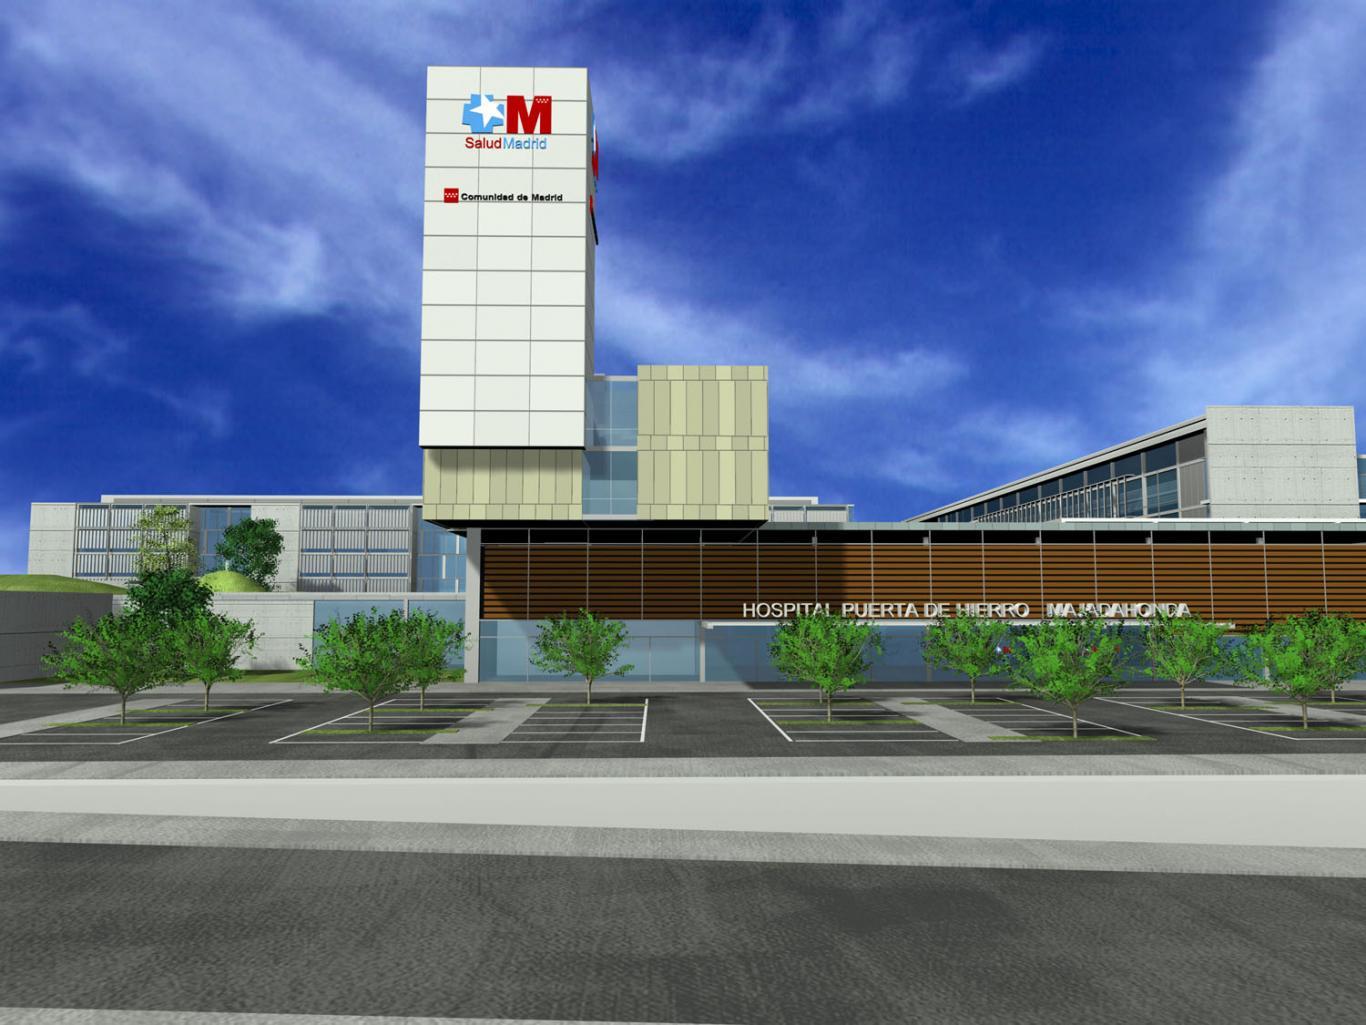 Hospital Puerta de Hierro visto desde el aparcamiento